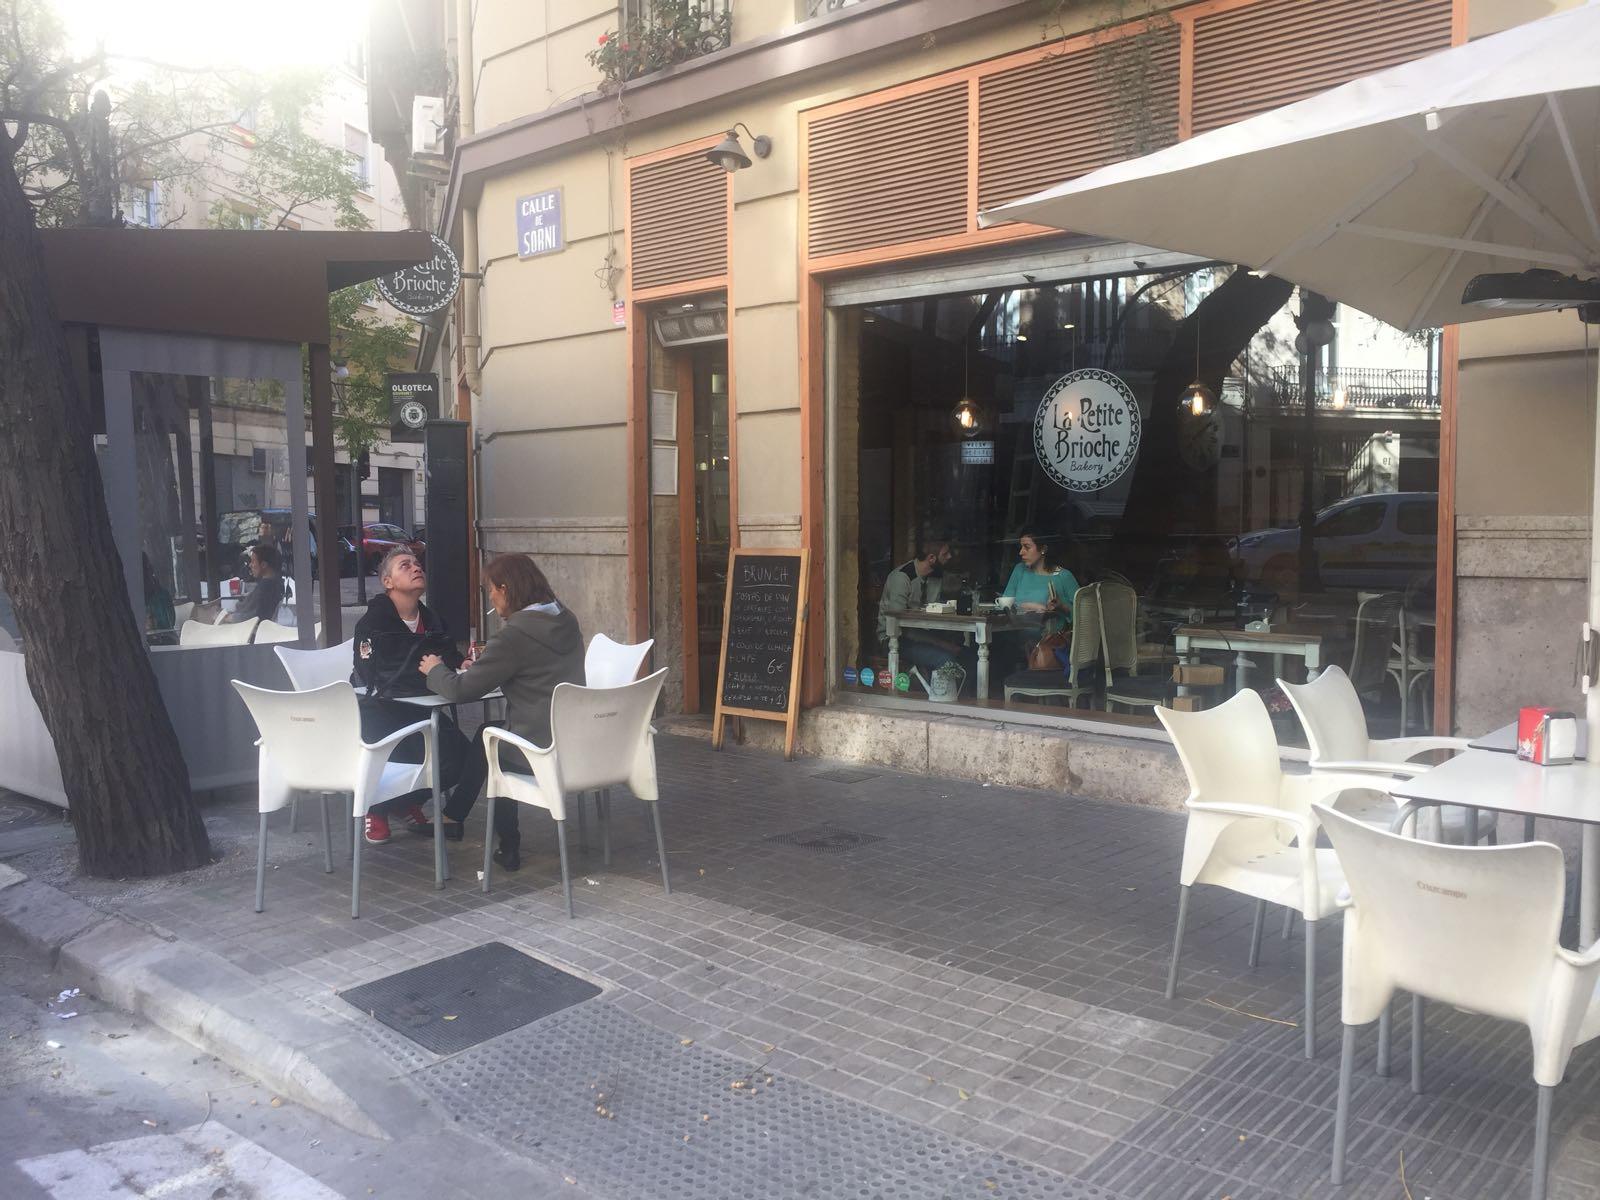 La Petite Brioche: A Work-Friendly Place in Valencia